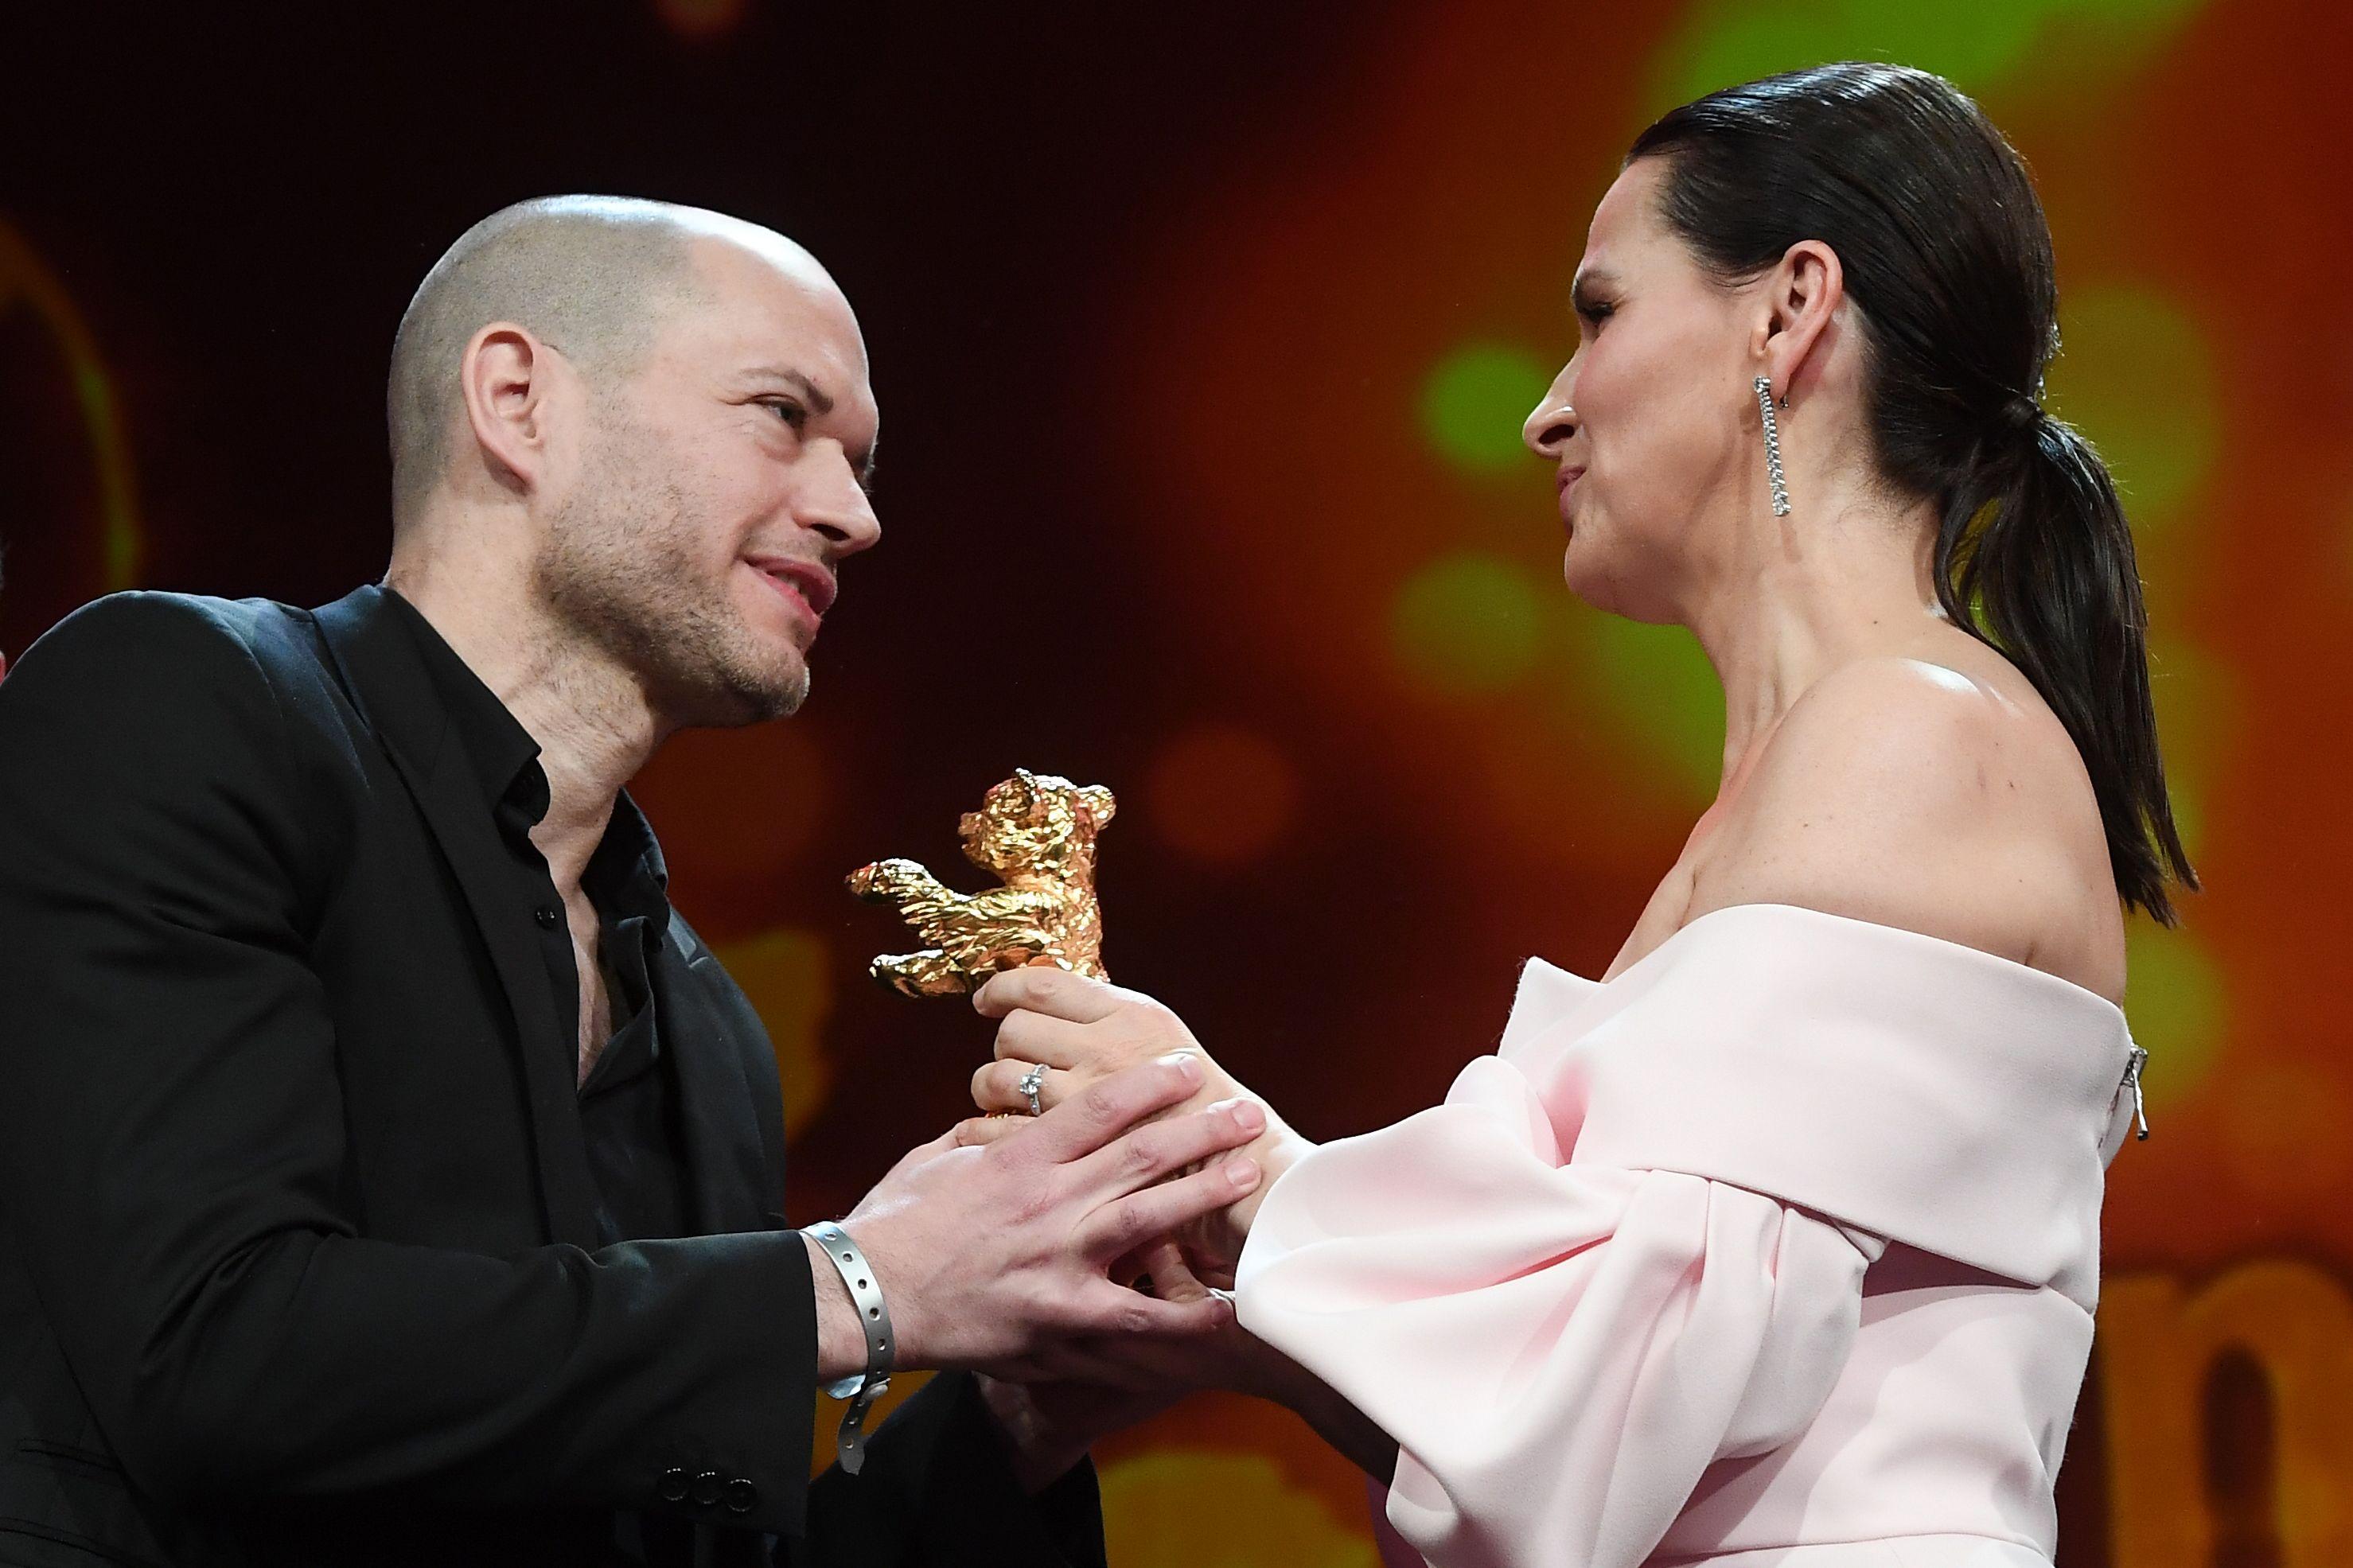 Palmarés del Festival de Berlin 2019 - Todos los premiados